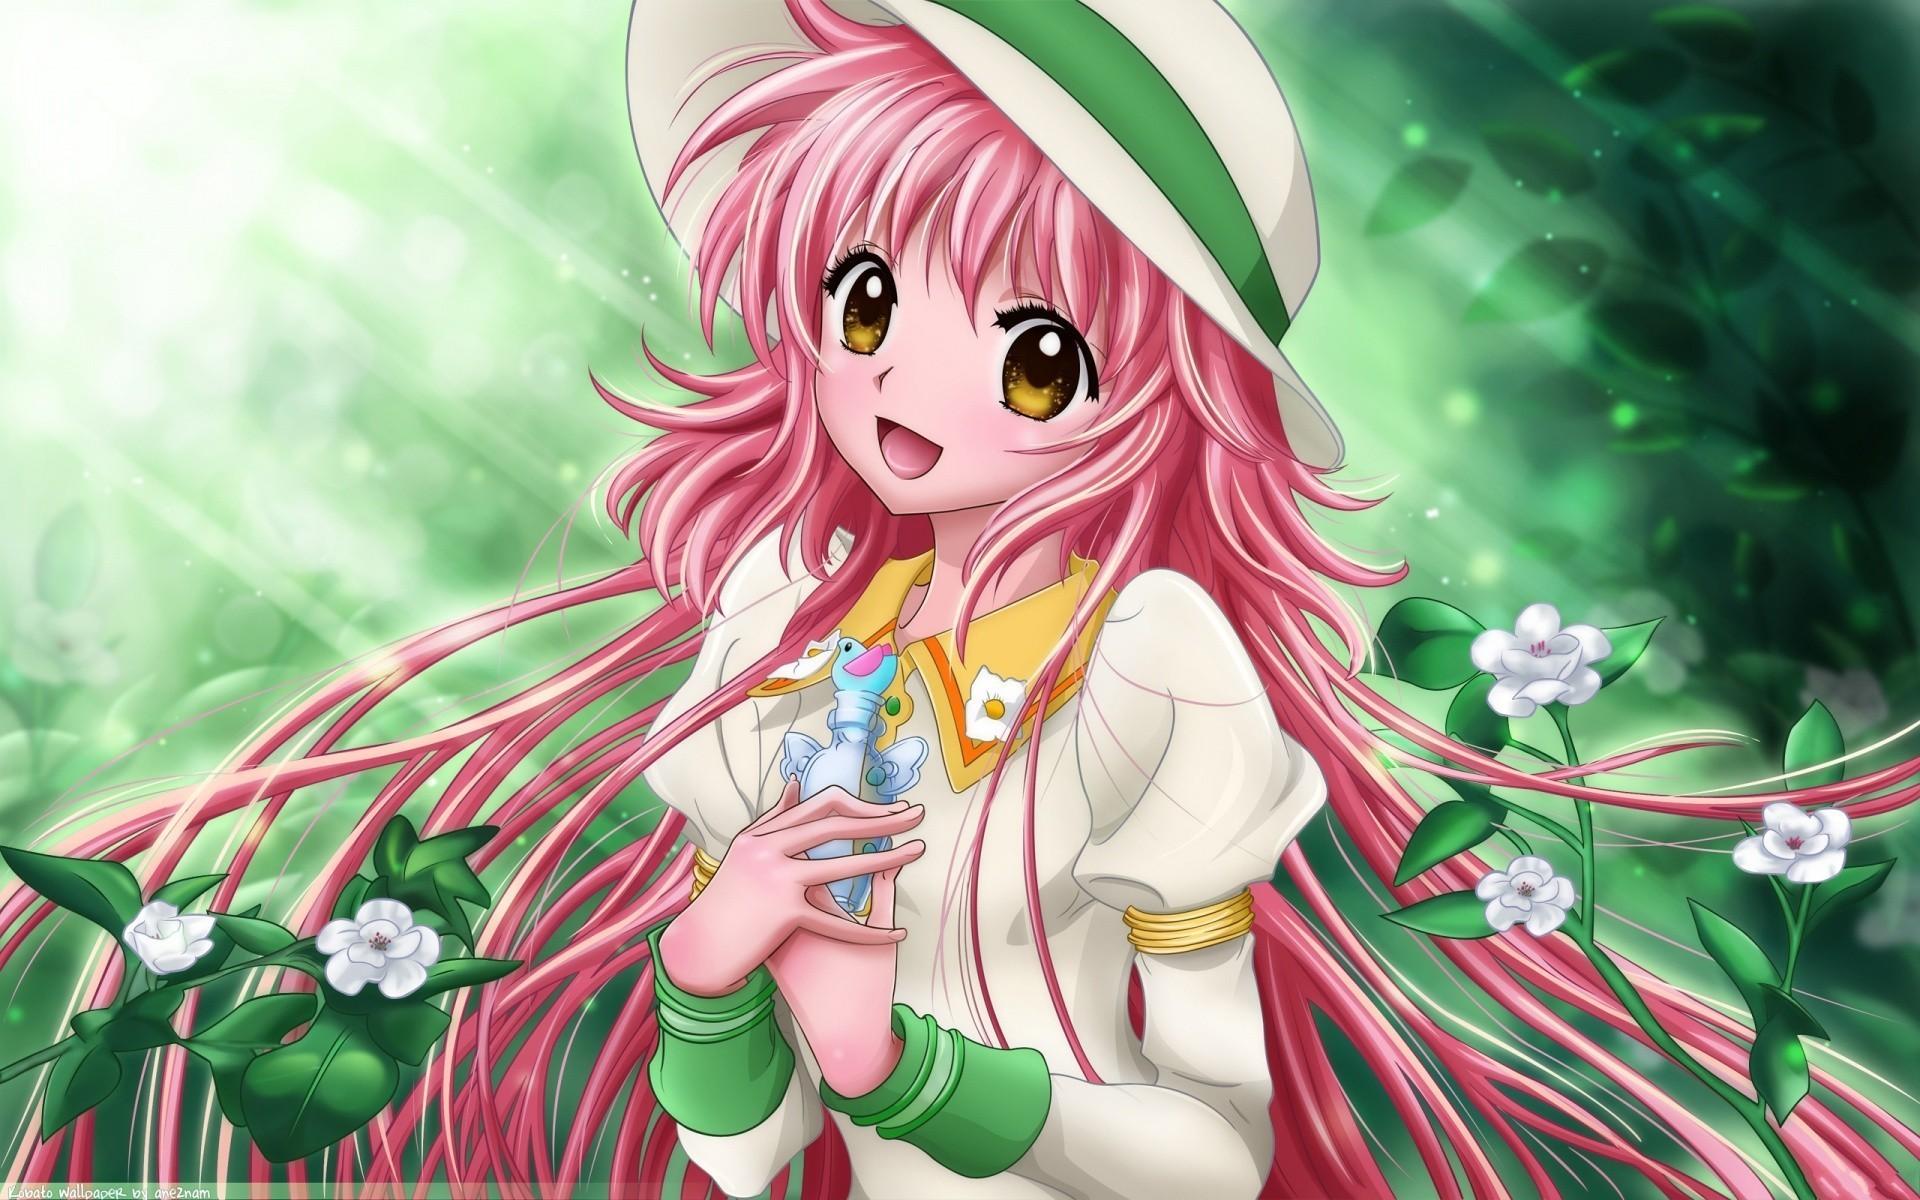 Cute Anime Girl Student Wallpaper